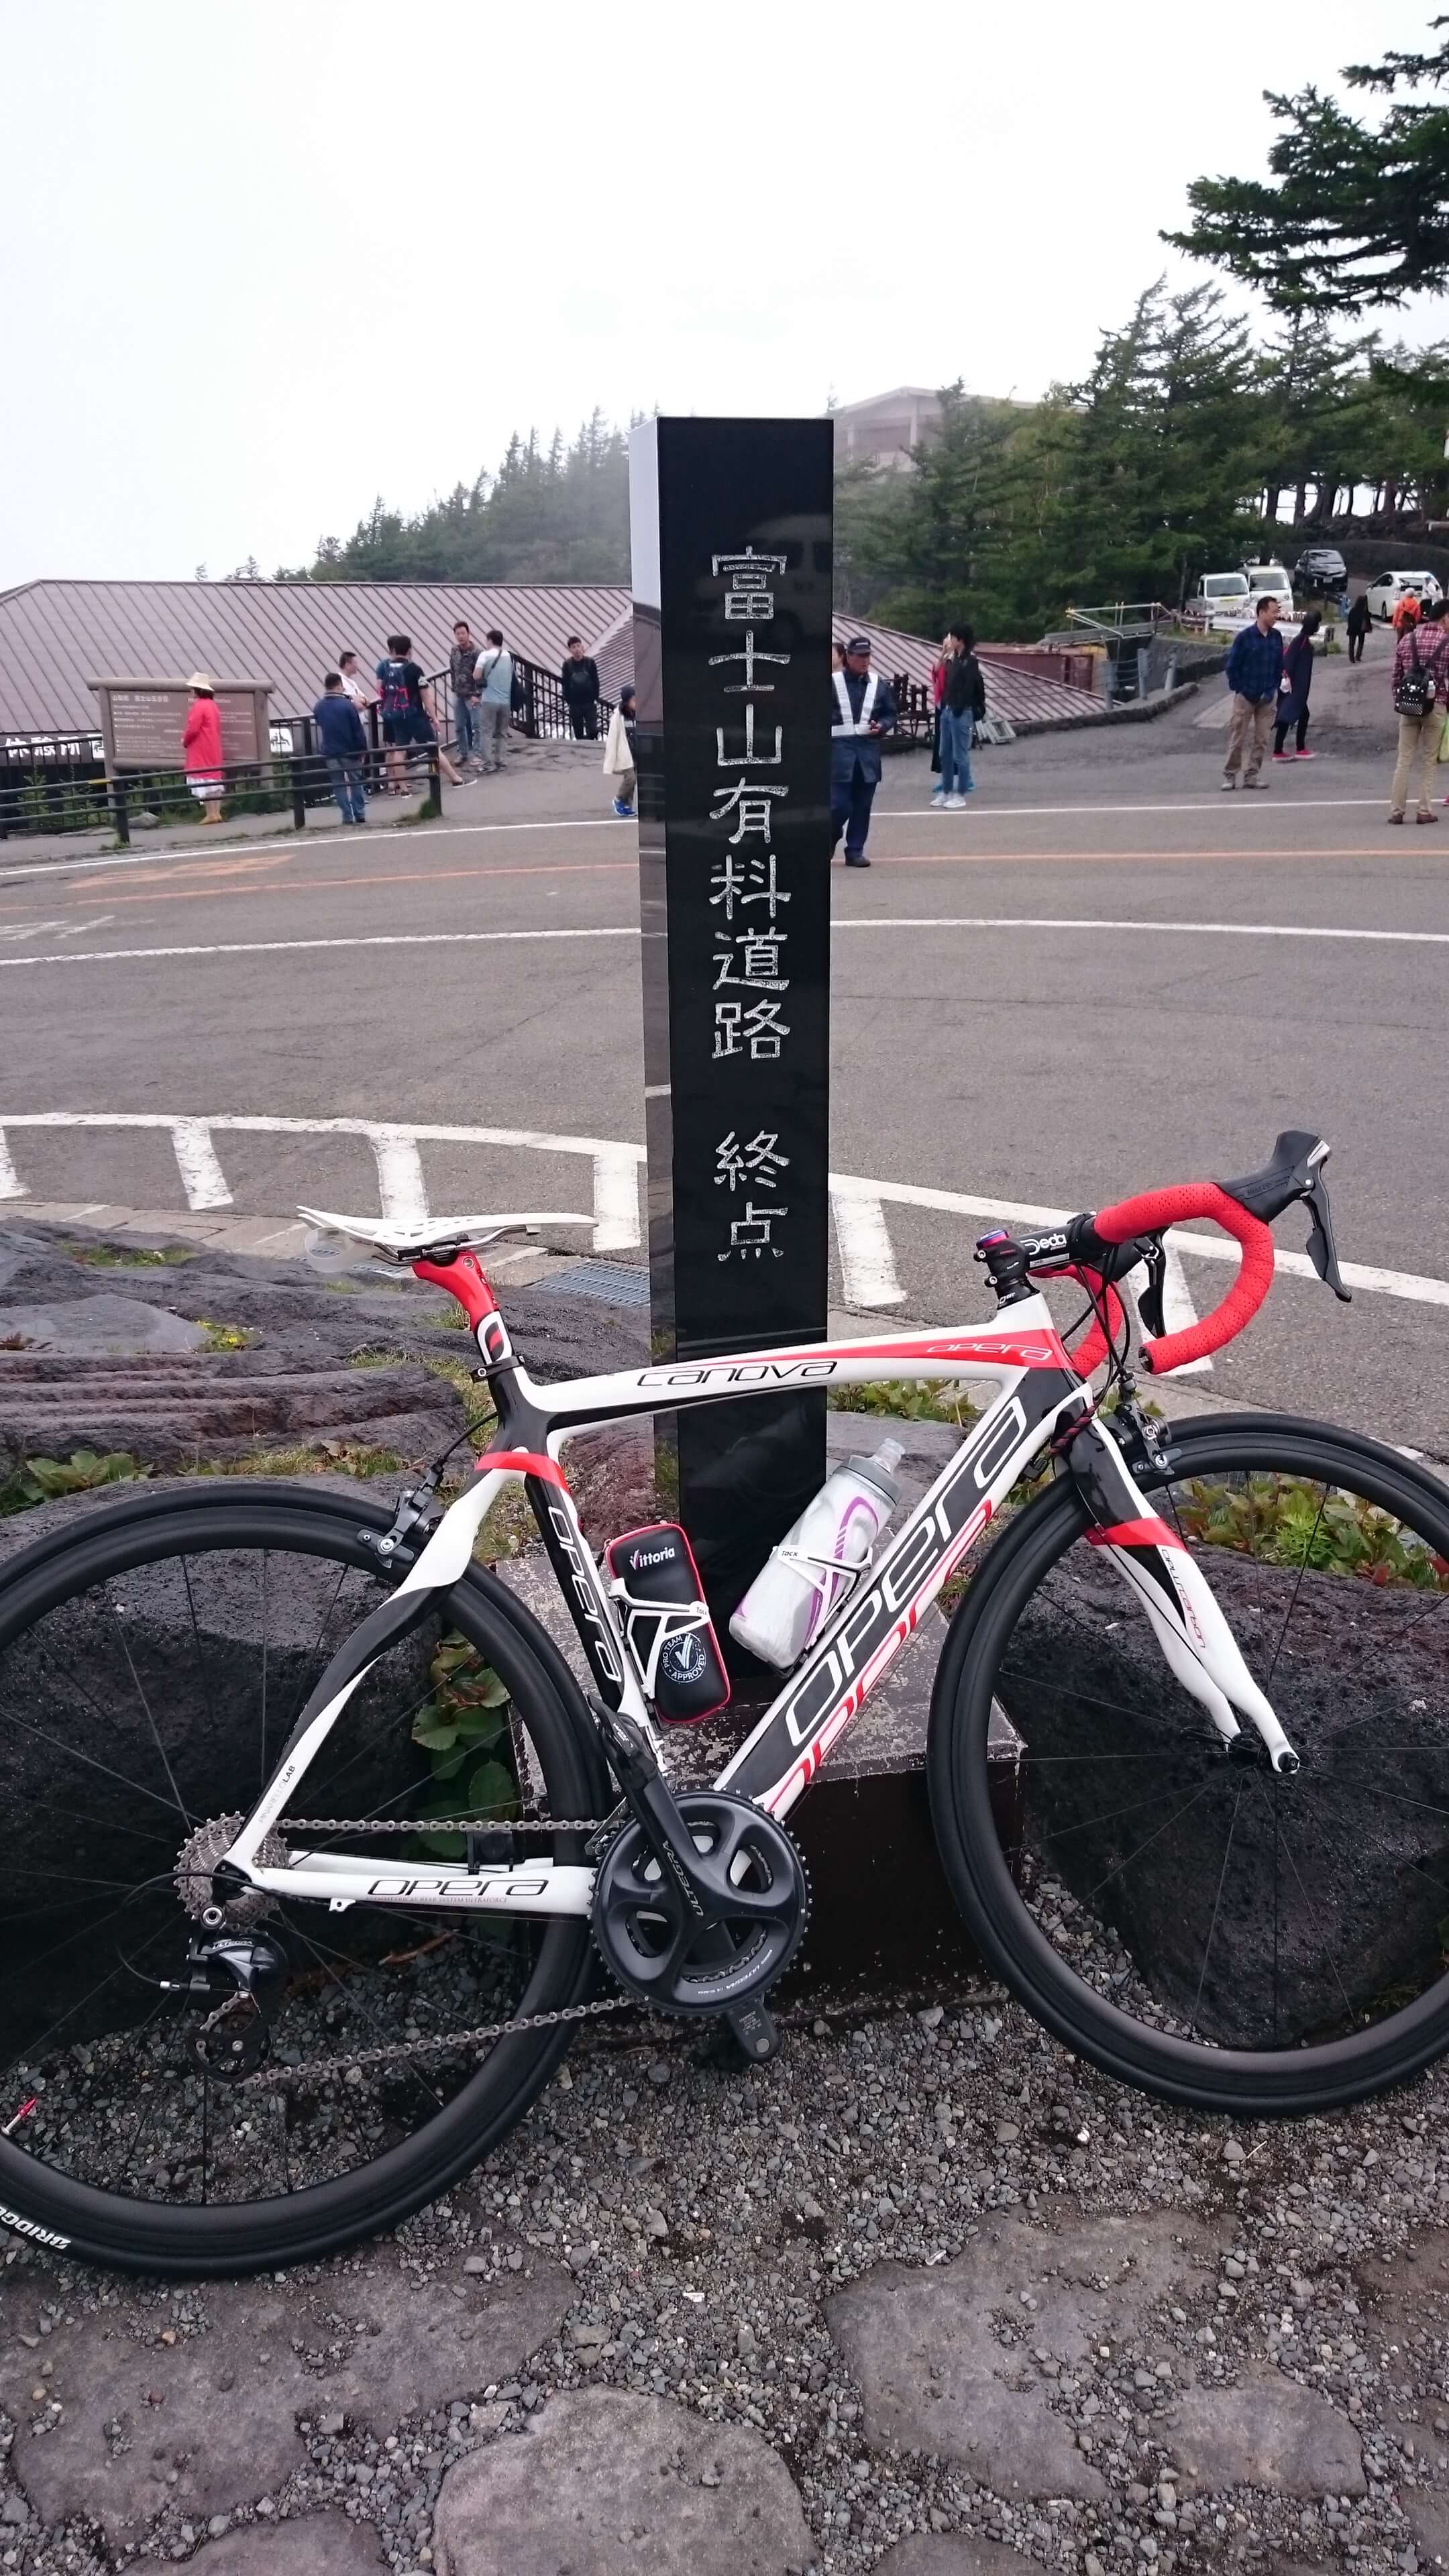 lwc-fujisan